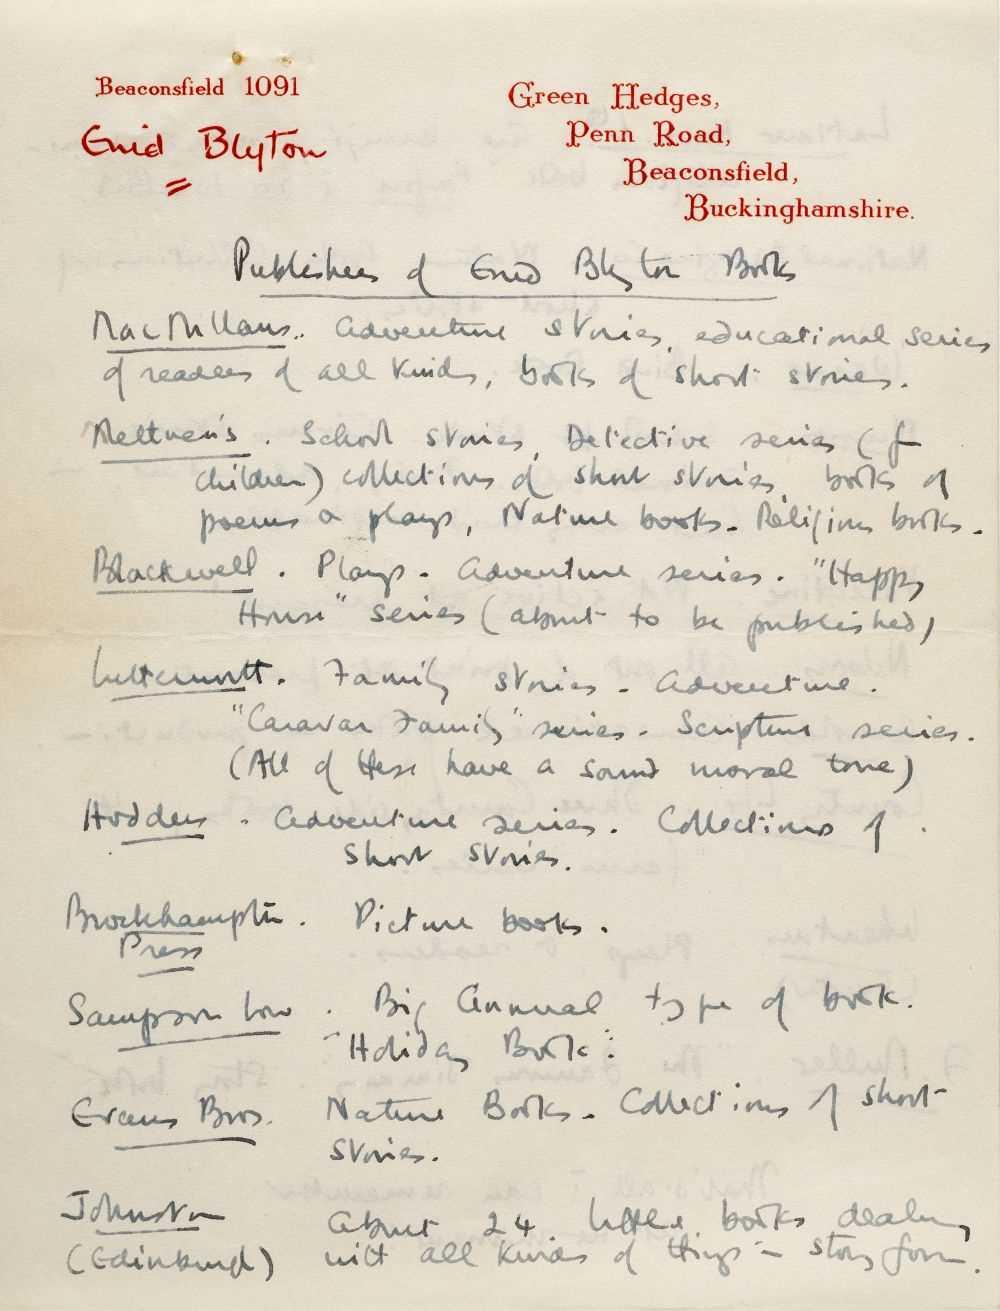 Lot 580 - Blyton (Enid, 1897-1968). Autograph letter signed, 24 June 1947